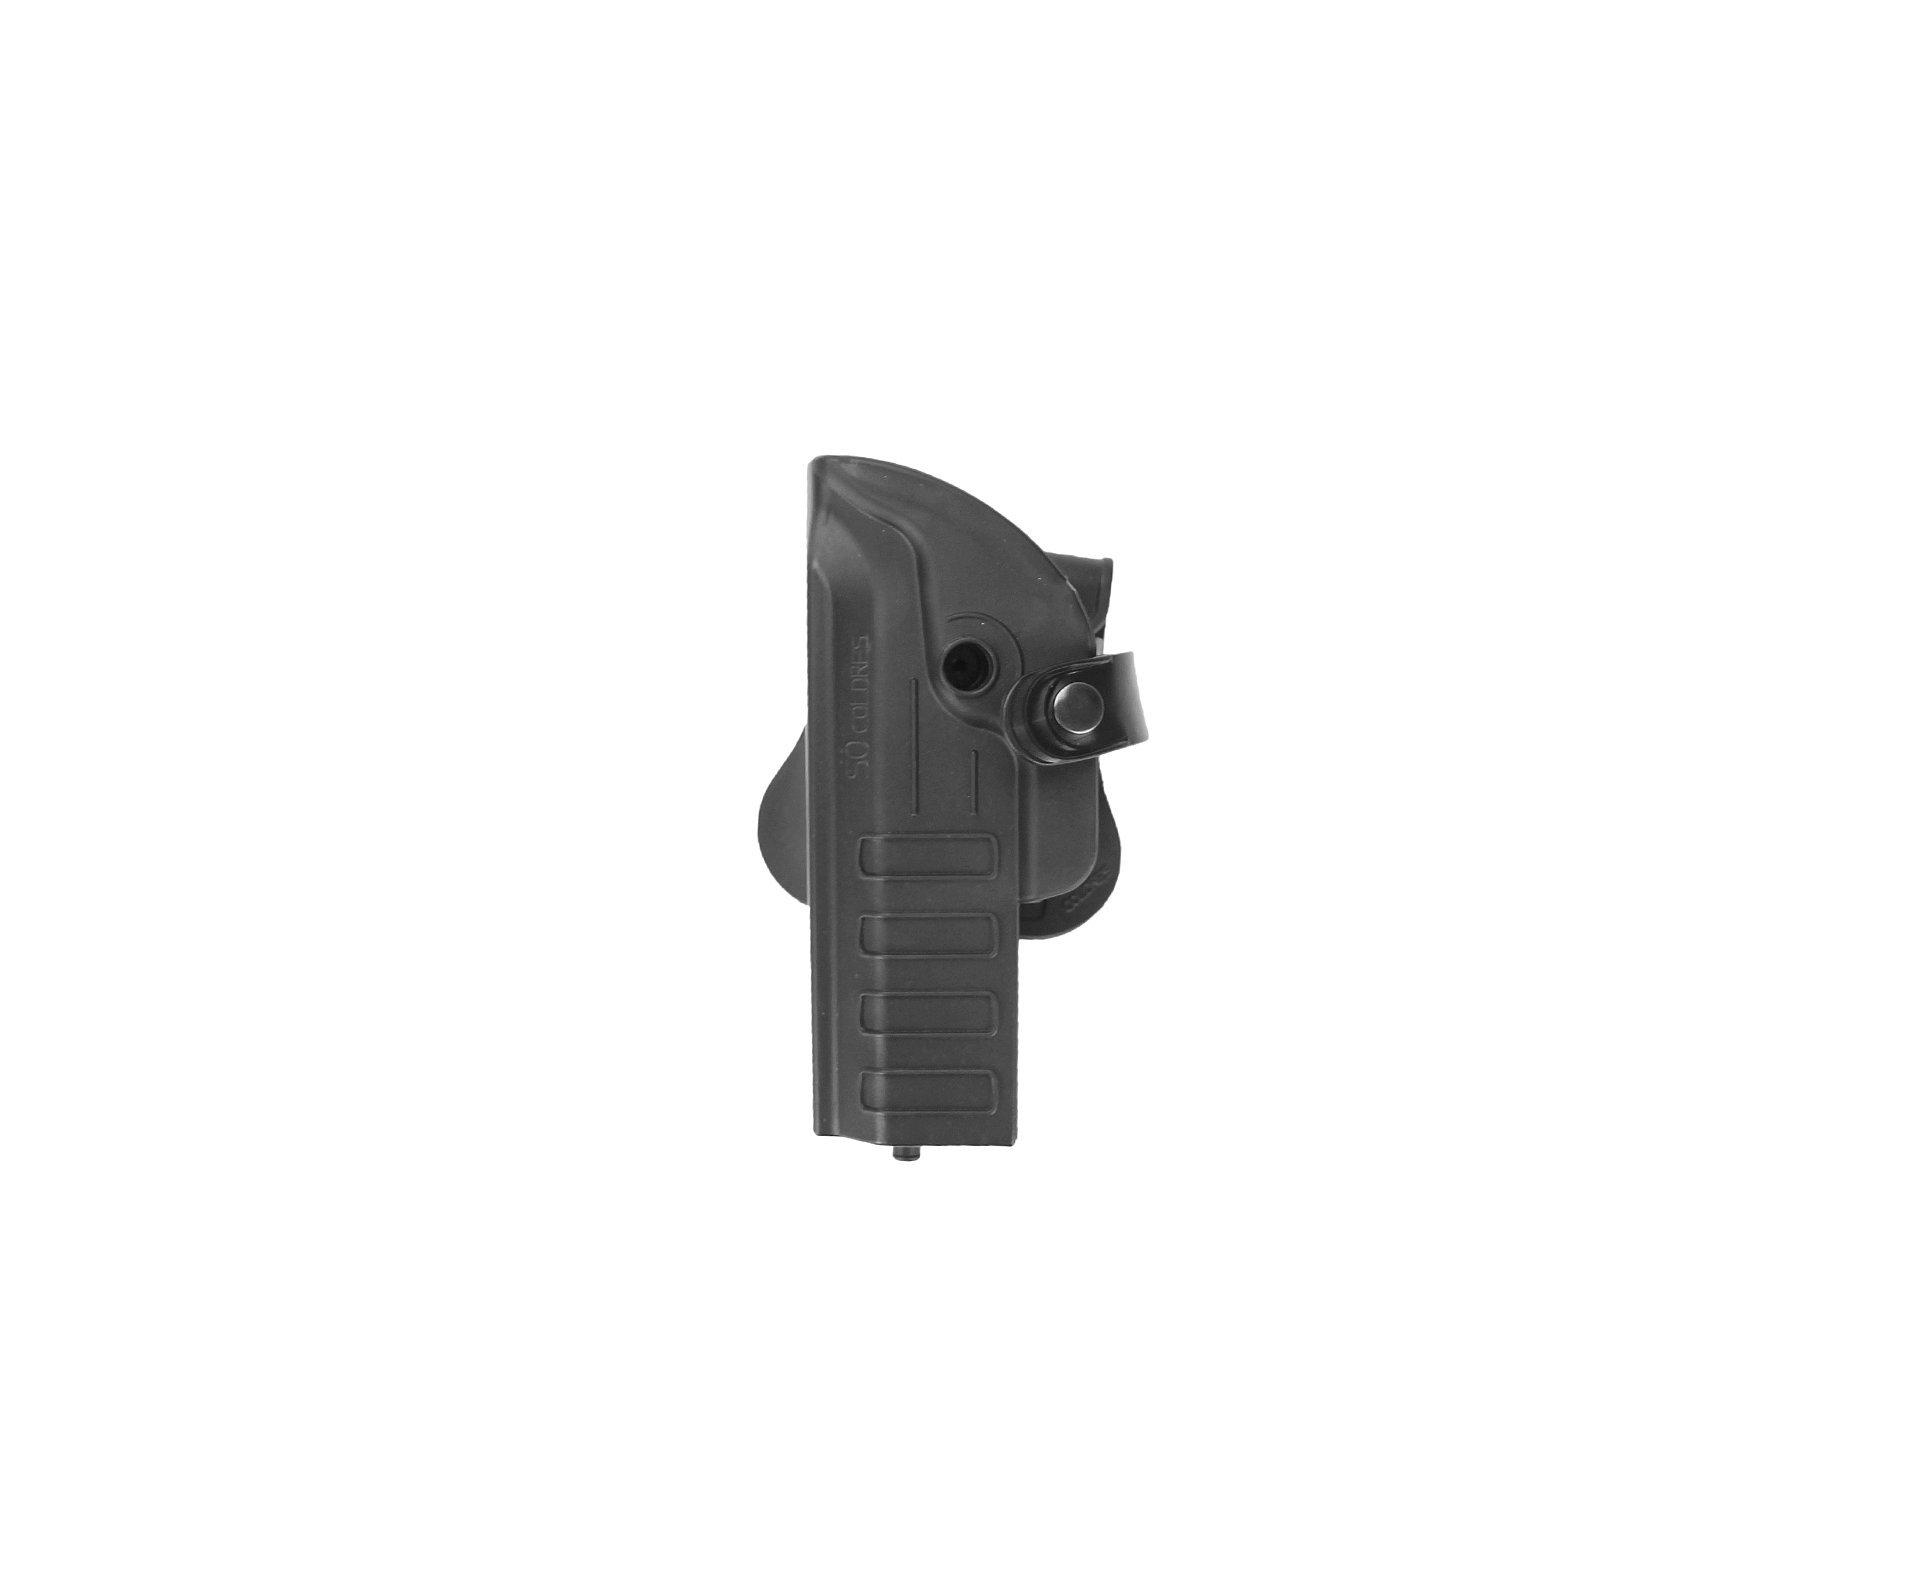 Coldre Pistola Taurus E Glock Com Suporte De Lanterna Ou Laser Destro - So Coldres